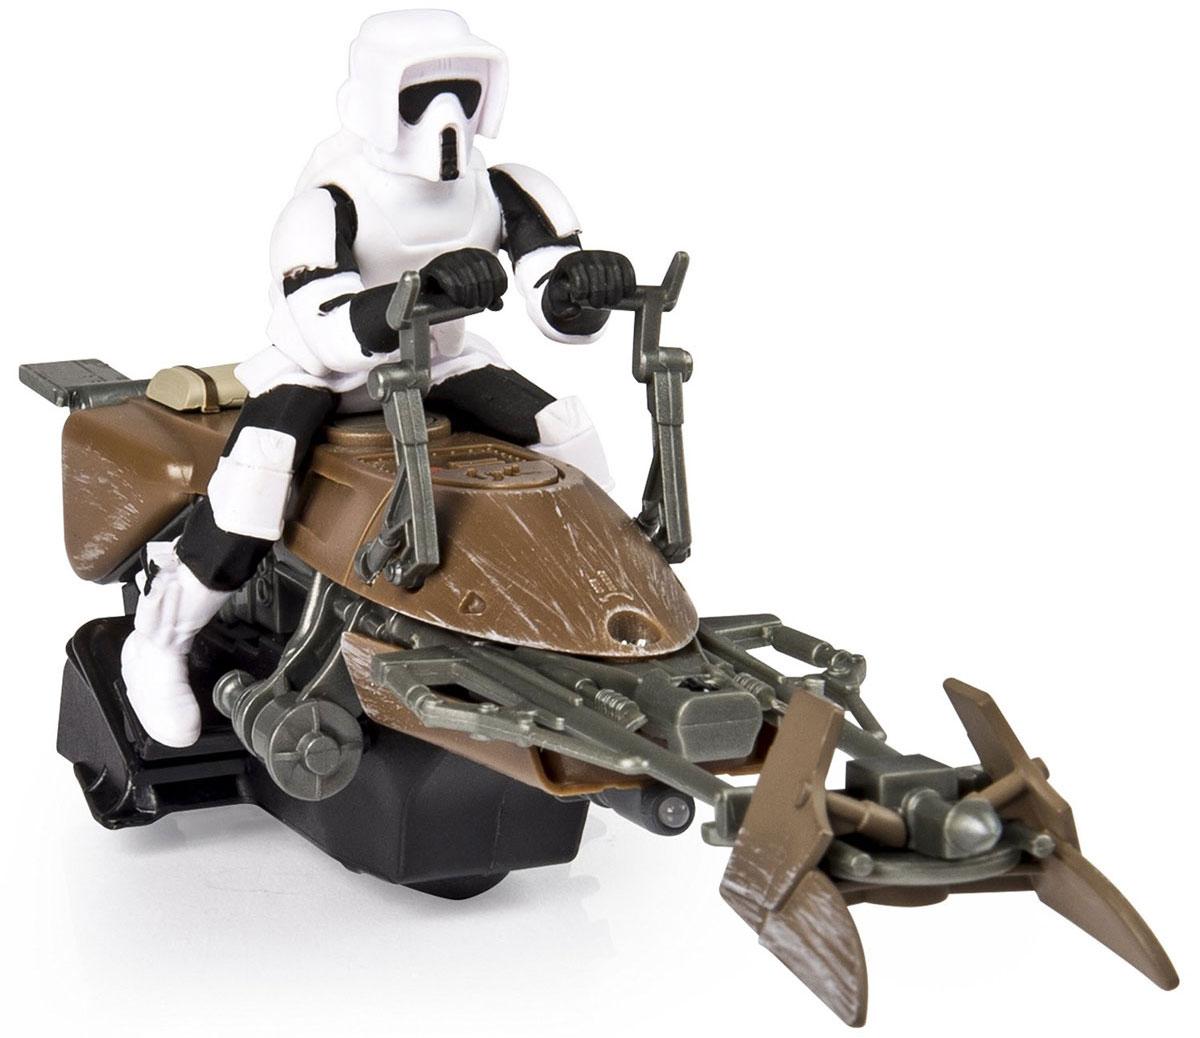 """Игрушка на радиоуправлении Star Wars """"Скоростной байк"""" непременно порадует юного поклонника всеми любимой саги """"Звездные Войны"""". Корпус игрушки ударопрочный. Игрушка выполнена в форме летающего байка Империи из вселенной Звездных Войн. За рулем байка - имперский штурмовик. Для работы игрушки необходимы 3 батарейки типа ААА (не входят в комплект). Для работы пульта управления необходимы 3 батарейки типа ААА (не входят в комплект)."""